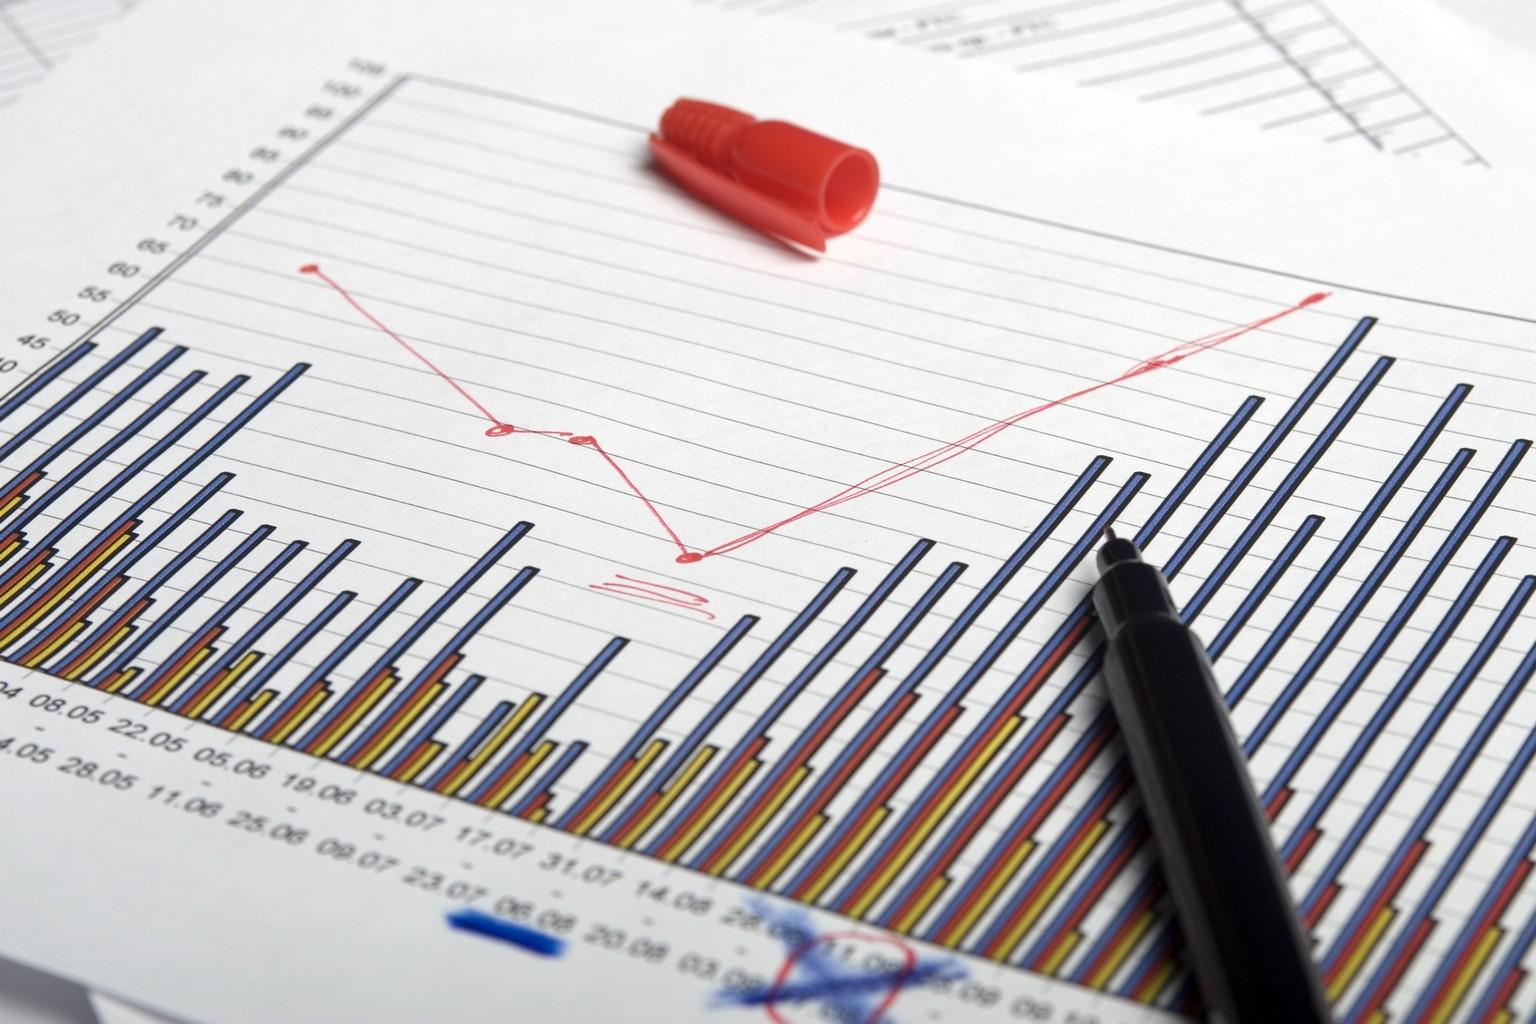 Imposition plus value d'acquisition stock options